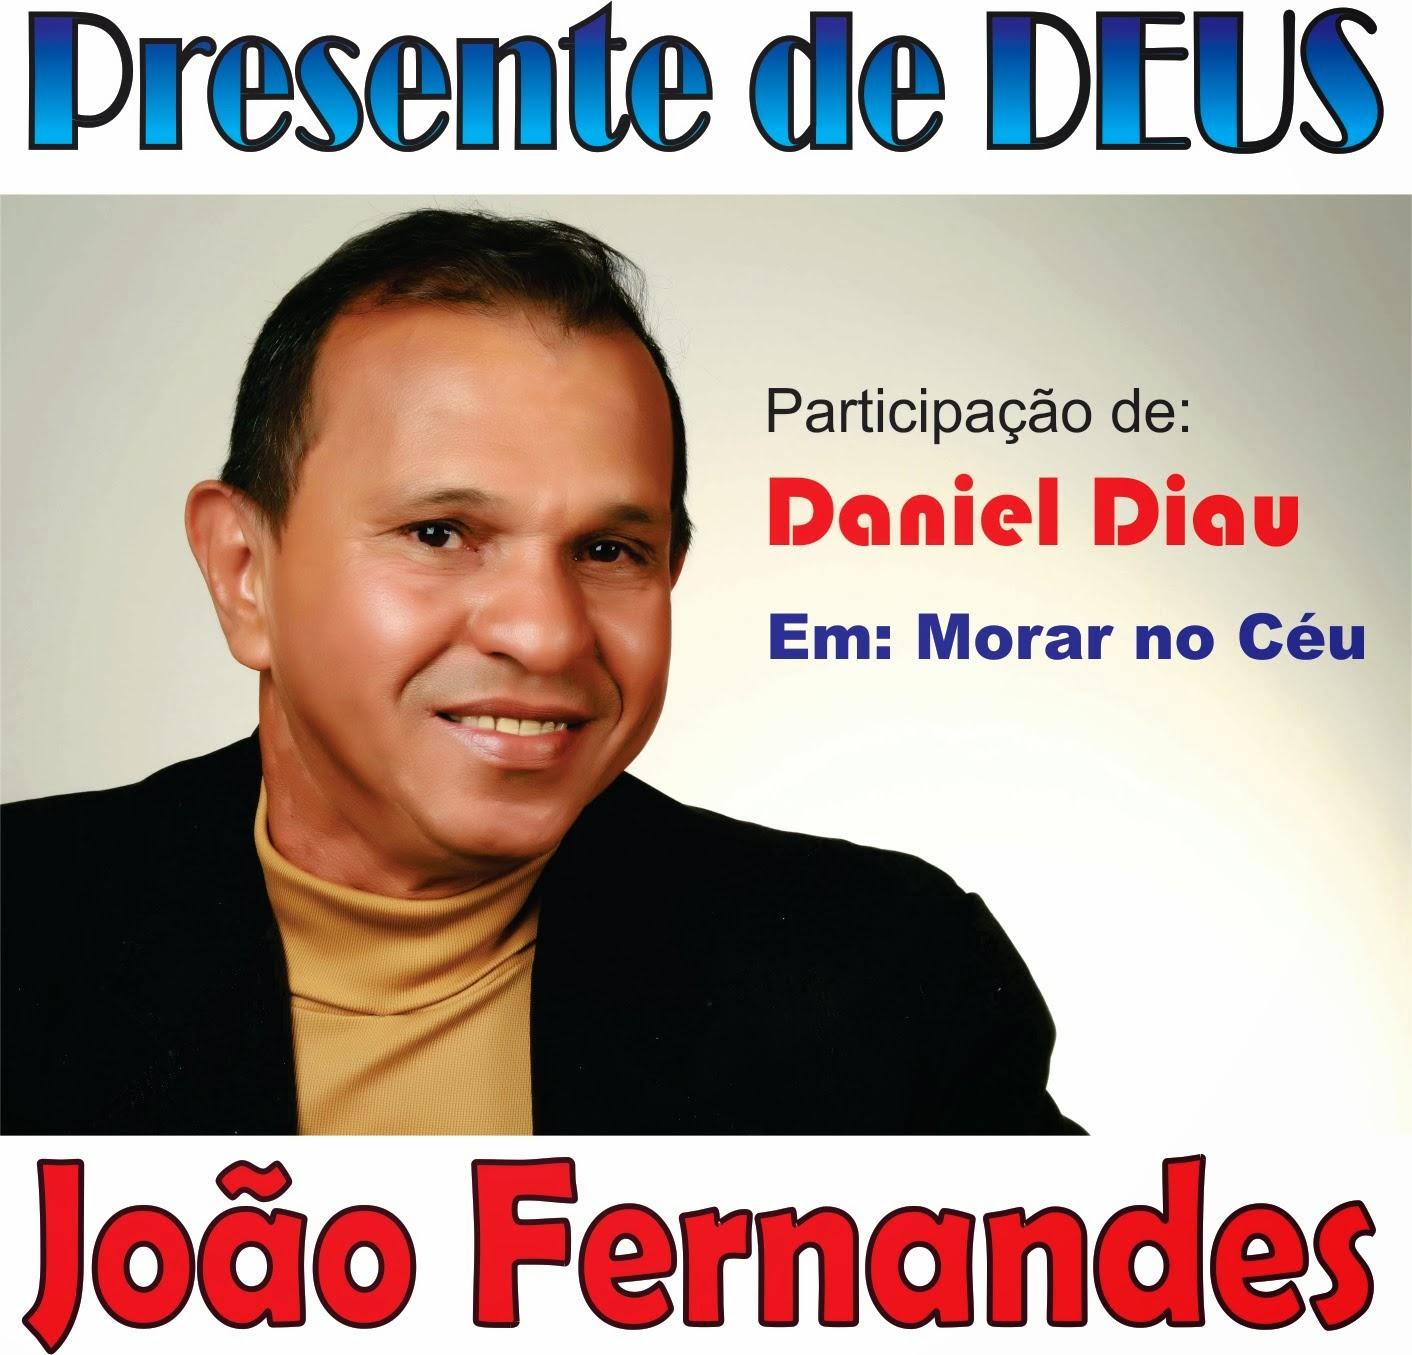 João Fernandes. Ex-contrabaixista deixa carreira para gravar CD gospel.